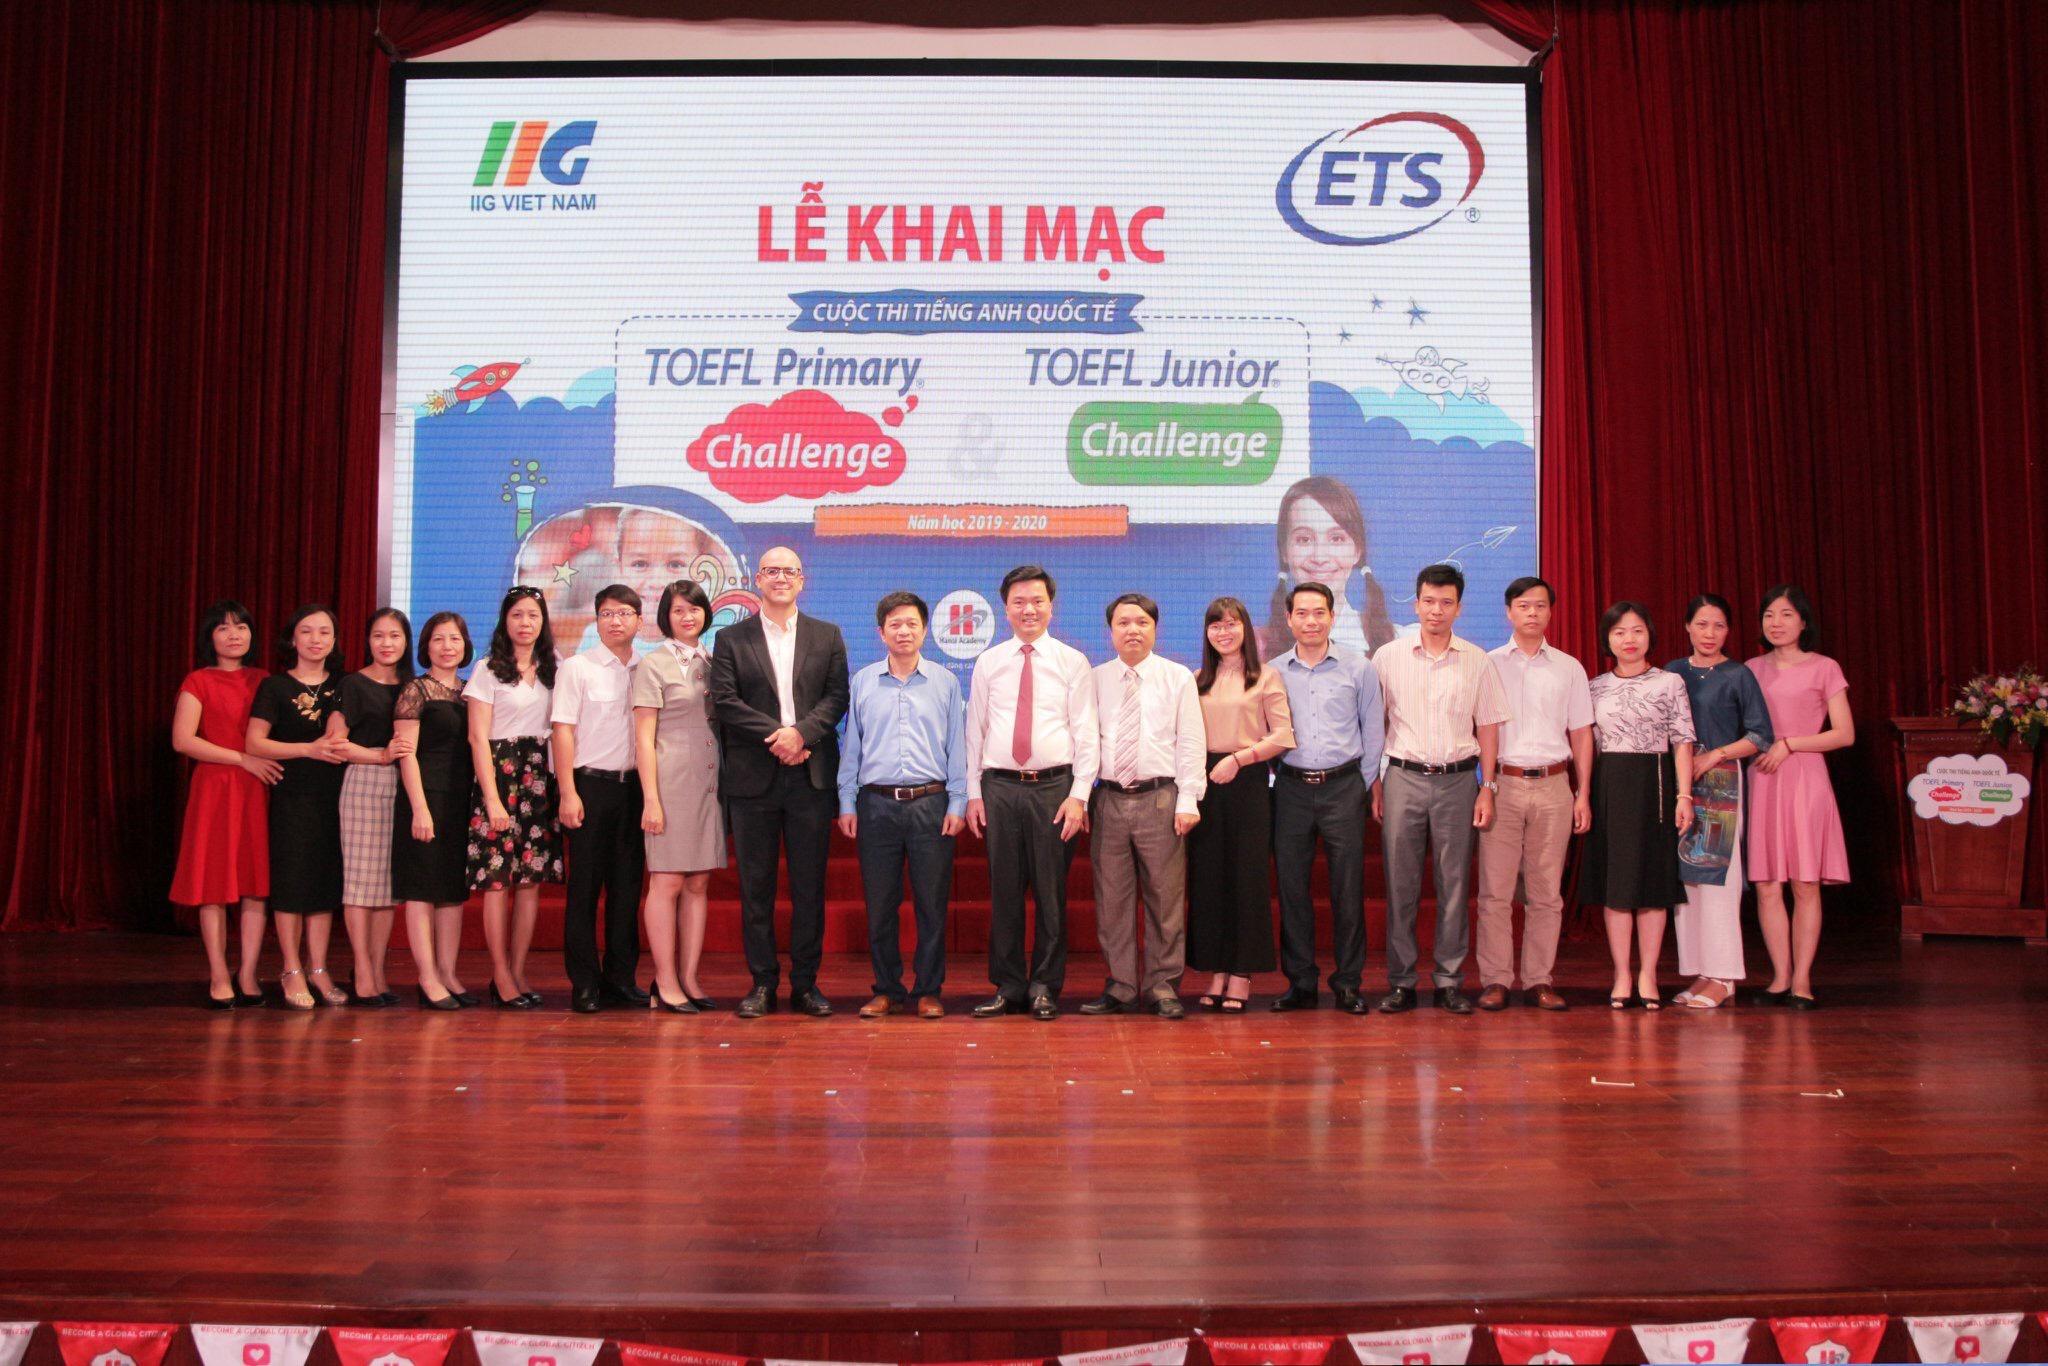 Lễ khai mạc và Vòng 1 cuộc thi tiếng Anh quốc tế TOEFL Challenge 2019-2020